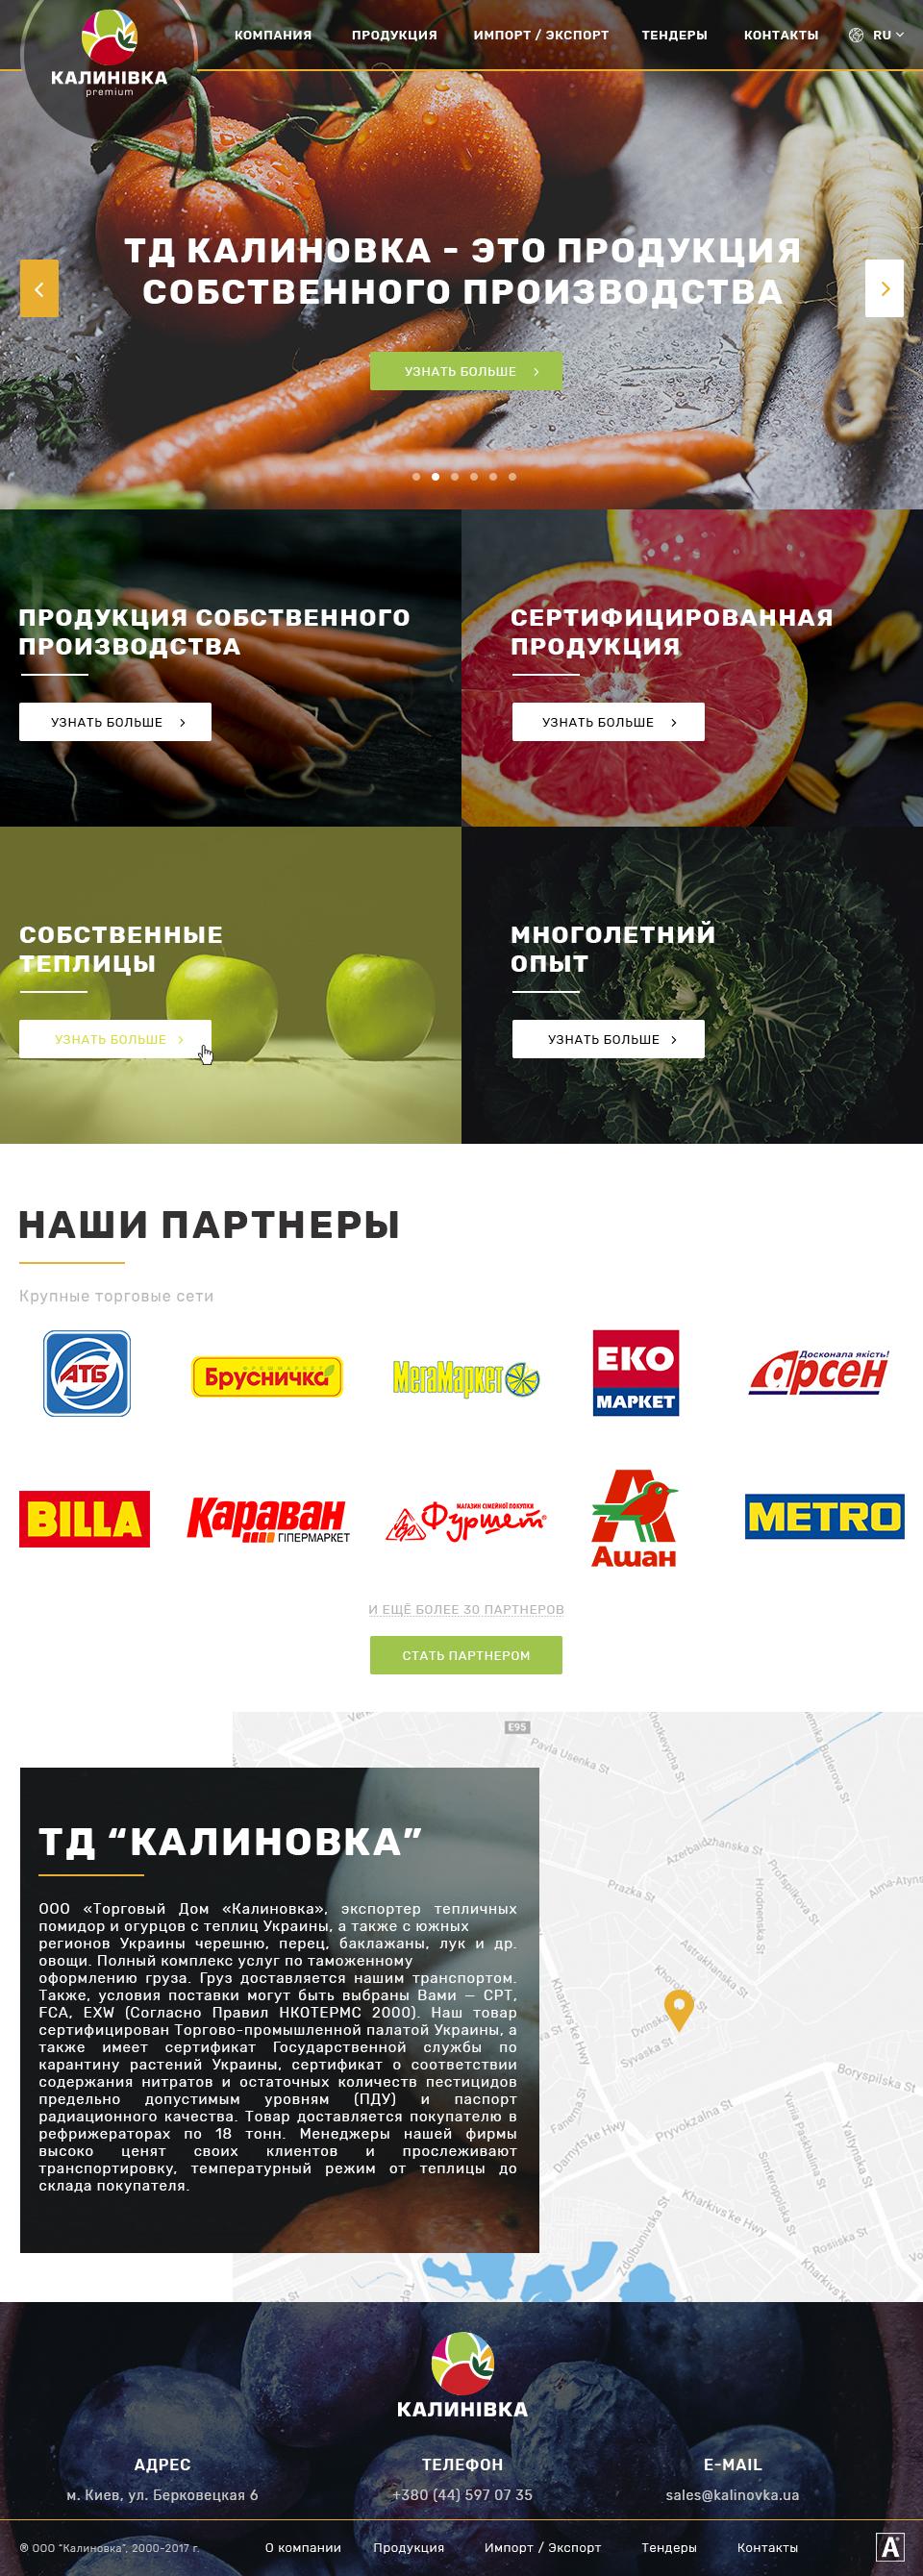 Агро компания «Калинівка premium»